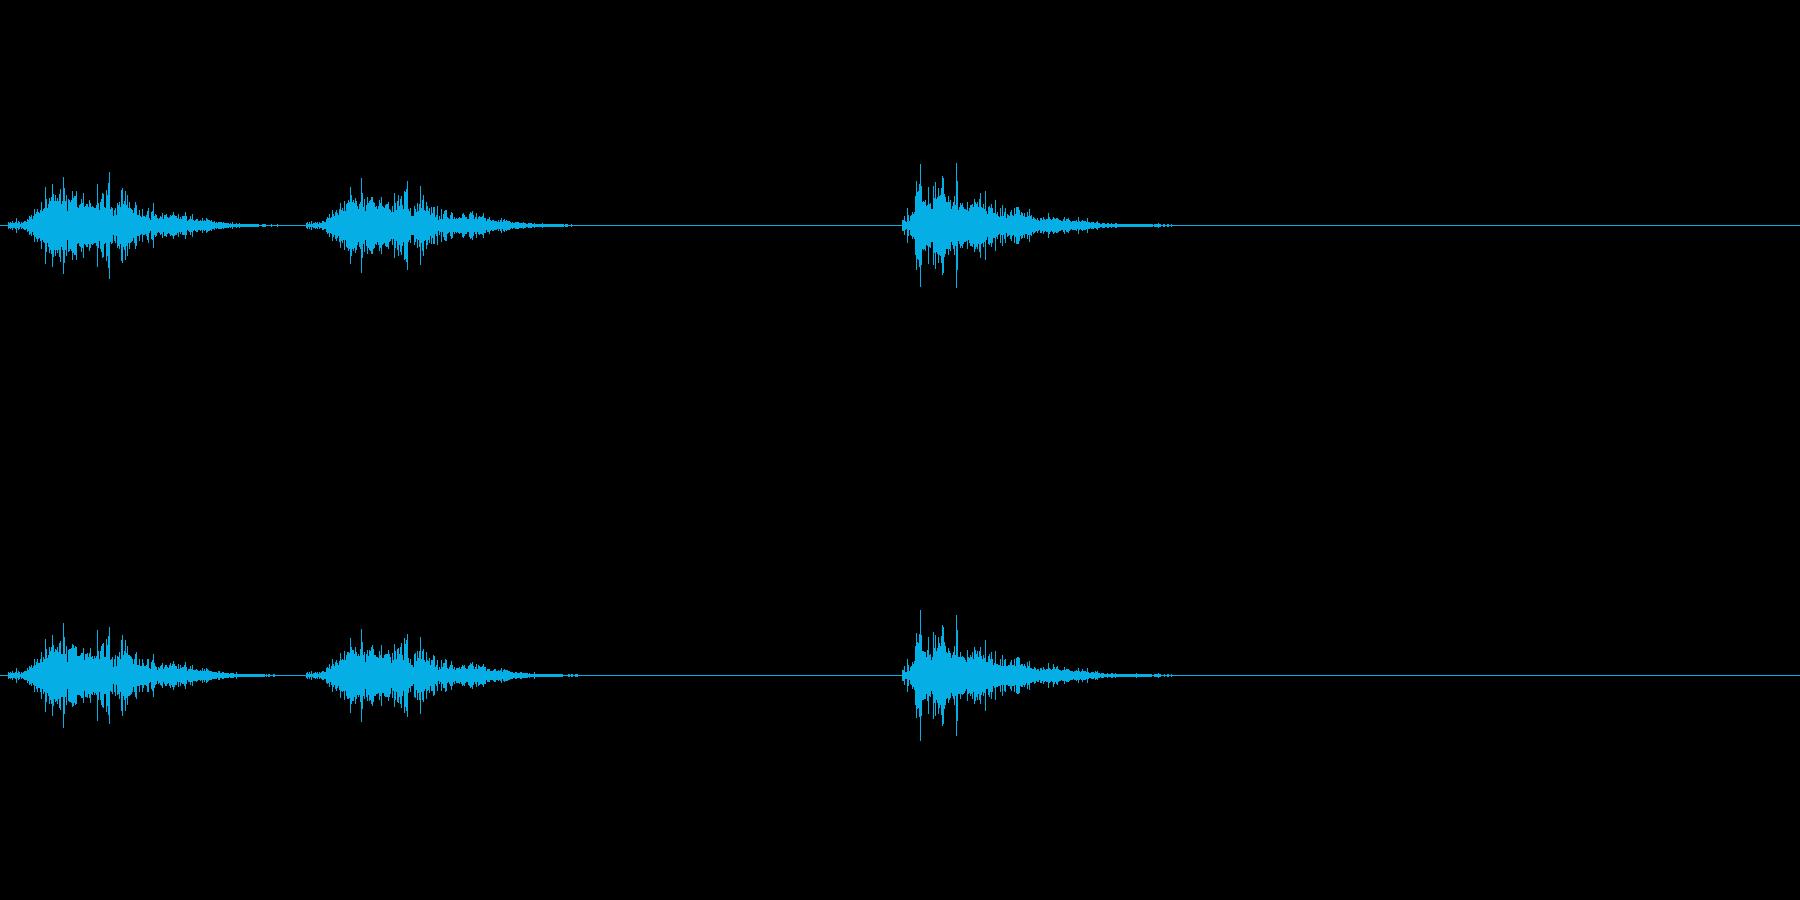 草むらを掻き分けながら進む足音の効果音の再生済みの波形